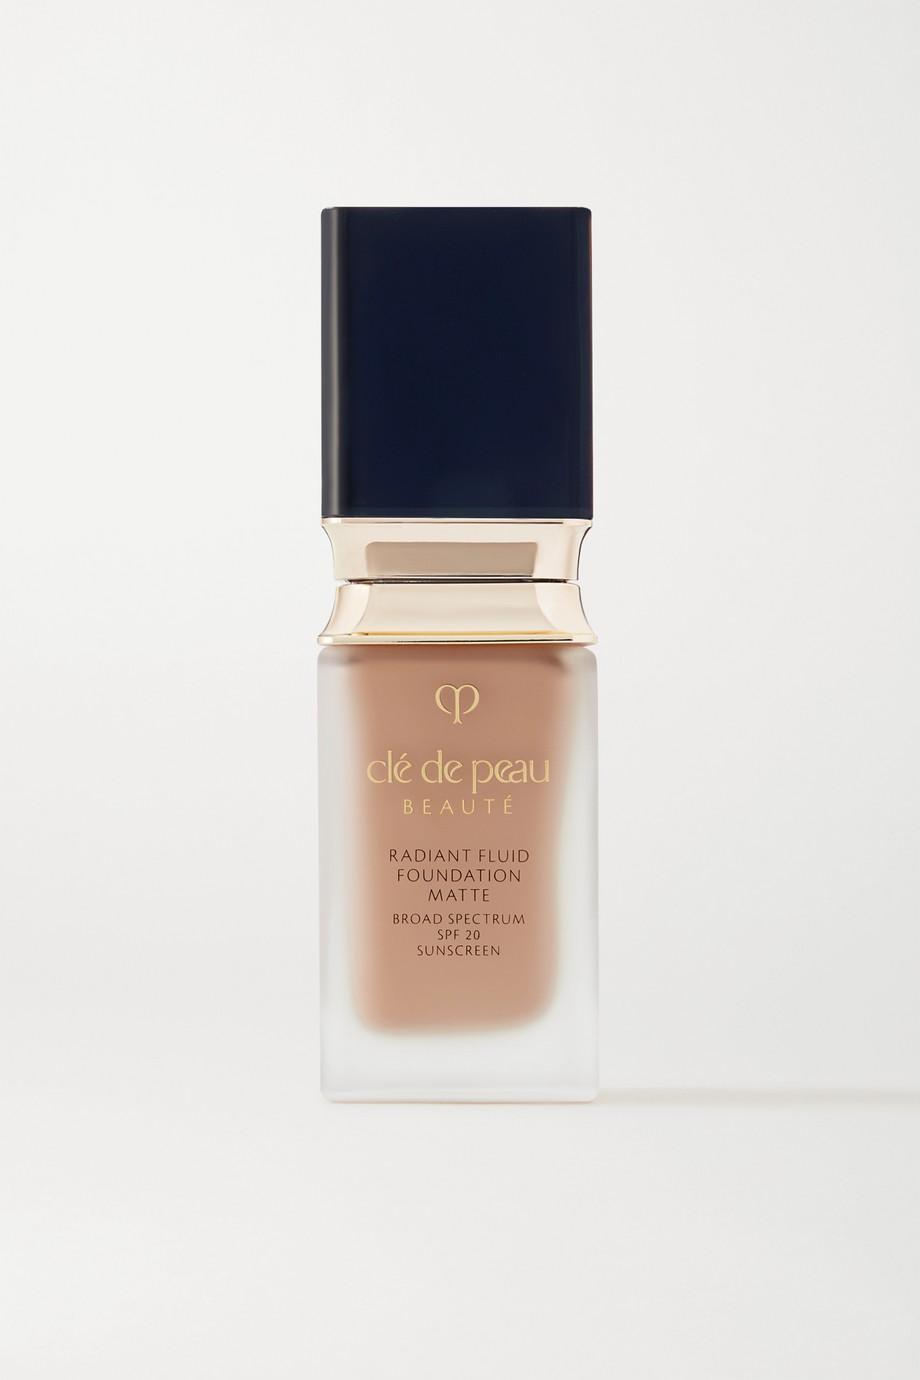 Clé de Peau Beauté Radiant Fluid Matte Foundation SPF20 - B20, 35ml